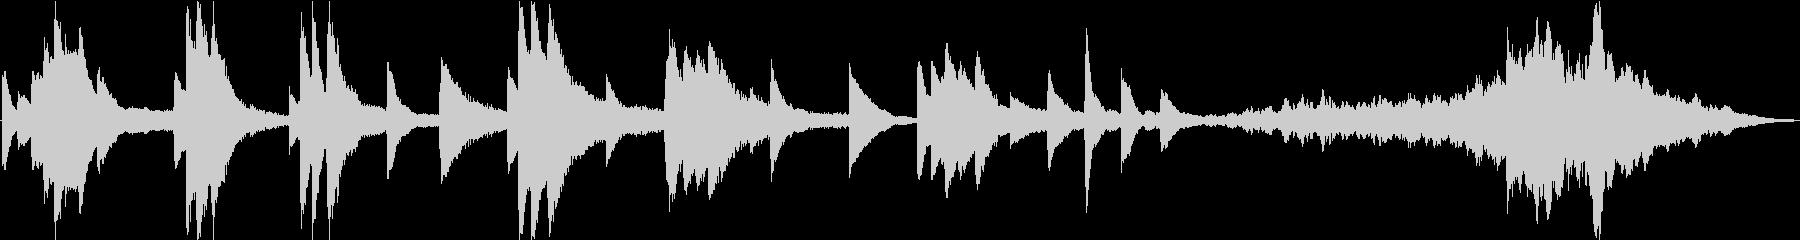 30秒+15秒エクササイズ用アンビエントの未再生の波形